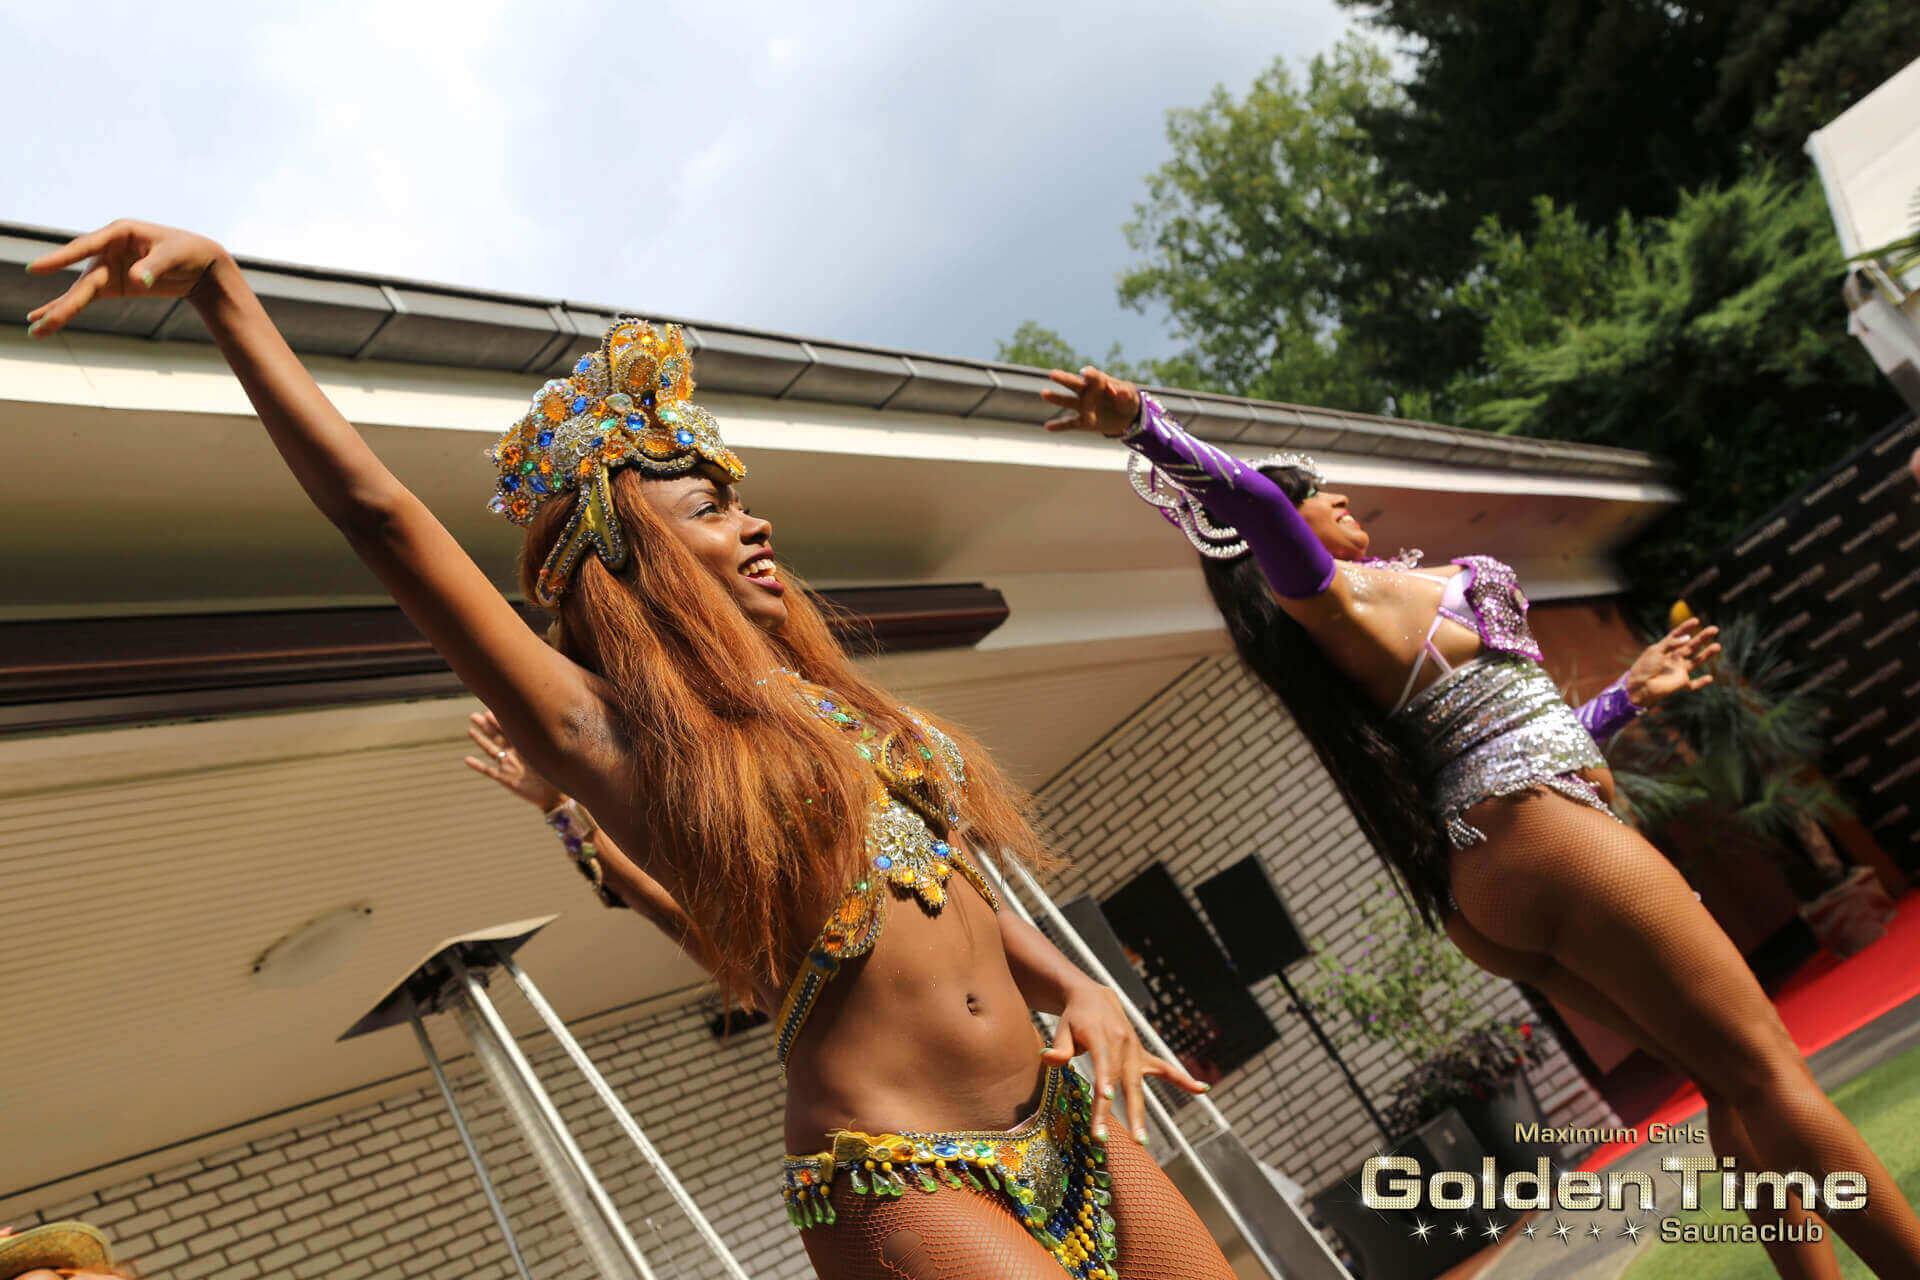 havanna-summer-goldentime-fkk-saunaclub-(173-von-209)-web.jpg